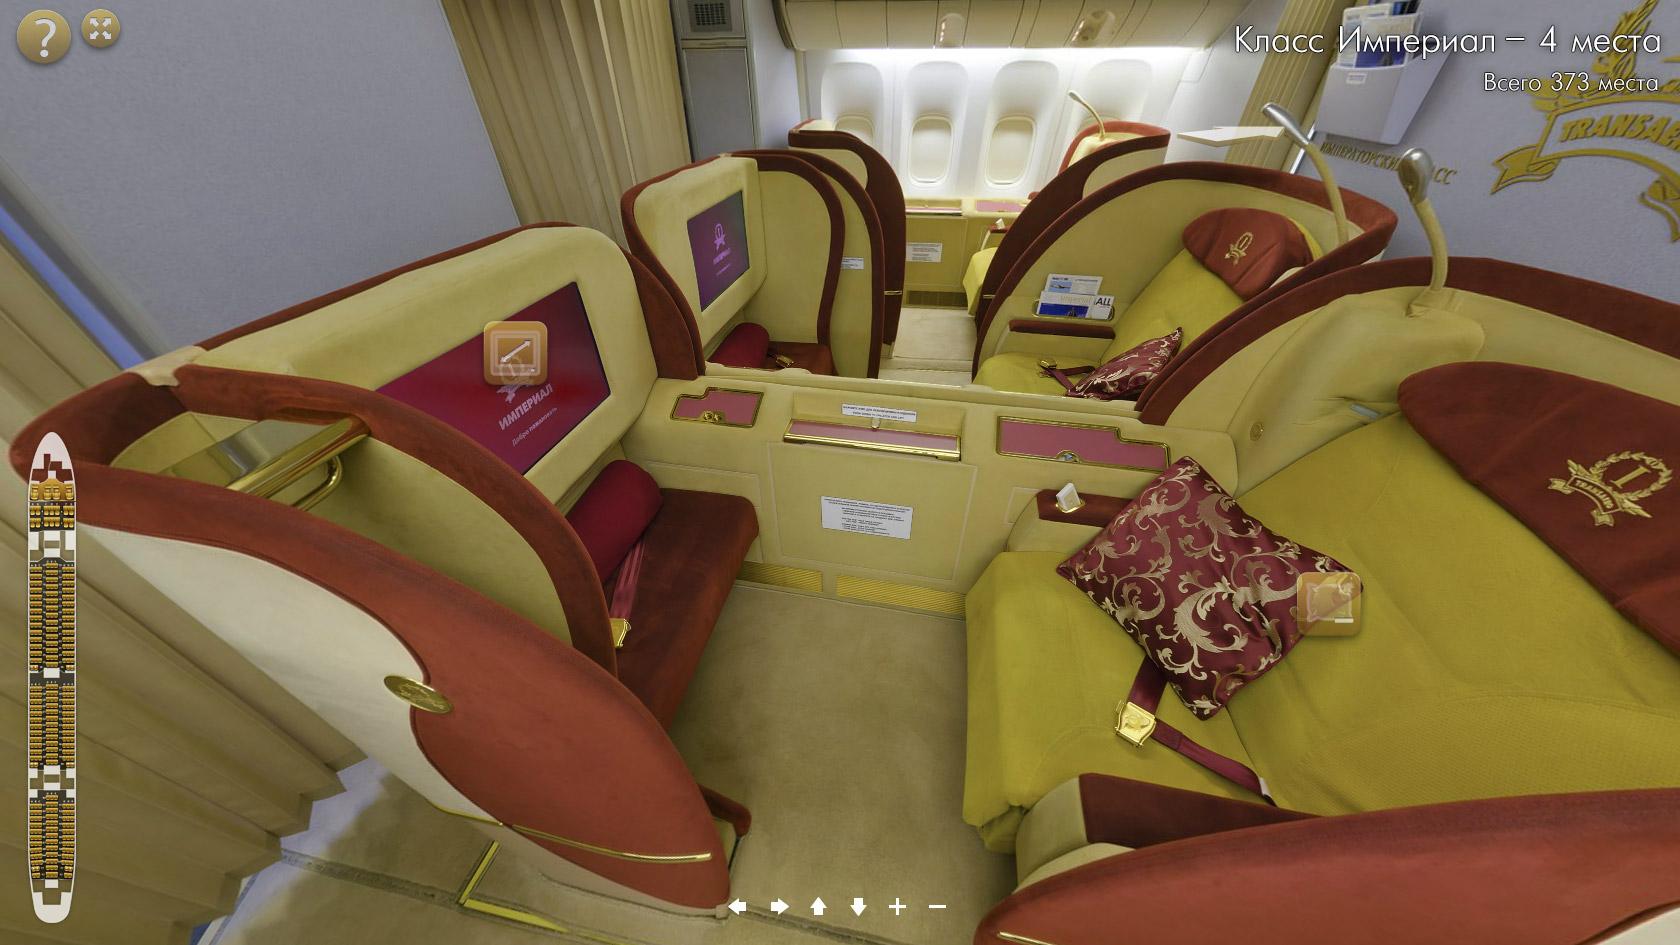 """На данных моделях самолёта в компании  """"Трансаэро """" есть Империал класс.  По сути, это самый высший класс."""